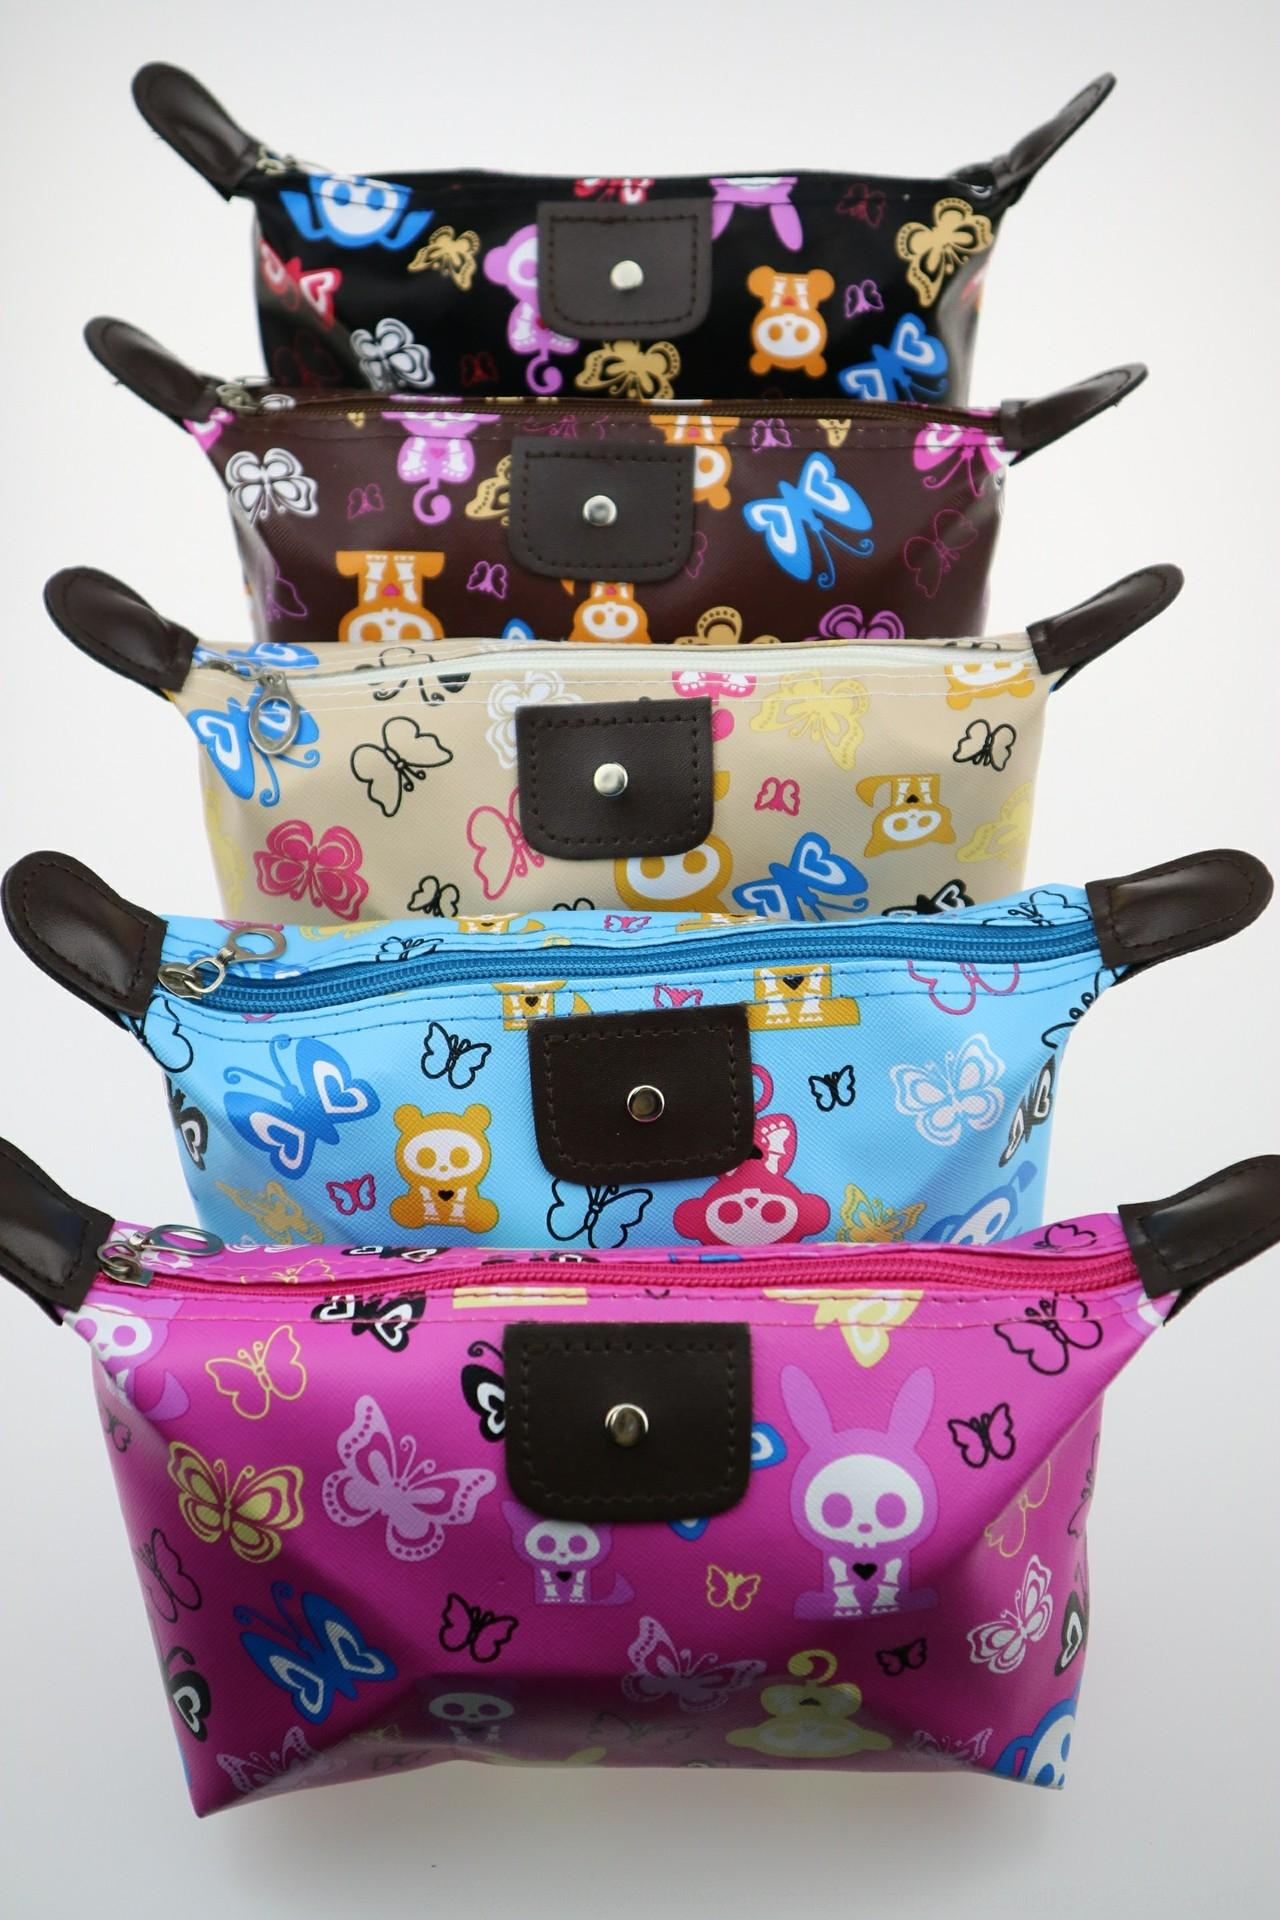 Il nuovo trucco coreano portatile bagagli gnocchi sacchetto cosmetico portatile borsa polpetta di immagazzinaggio di corsa impermeabile grande capacità ftBiX